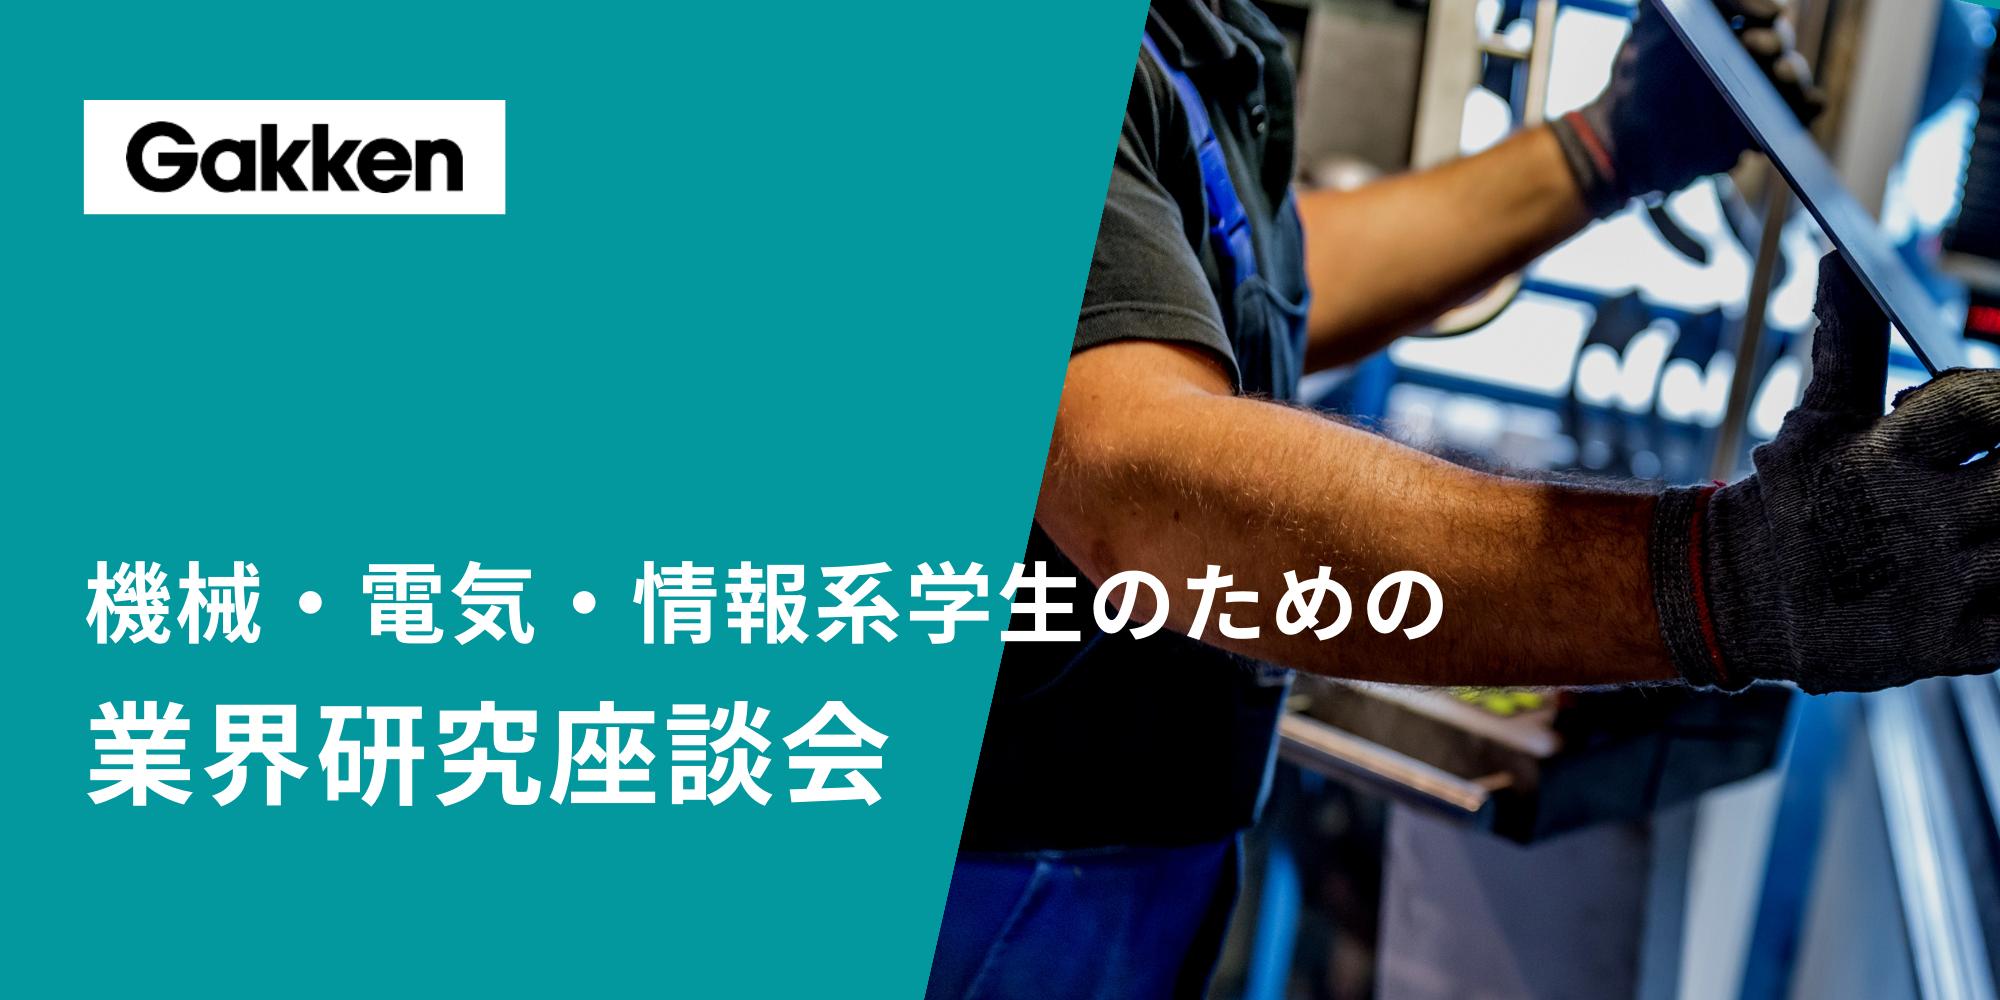 【学研主催】機械・電気・情報系学生のための業界研究座談会